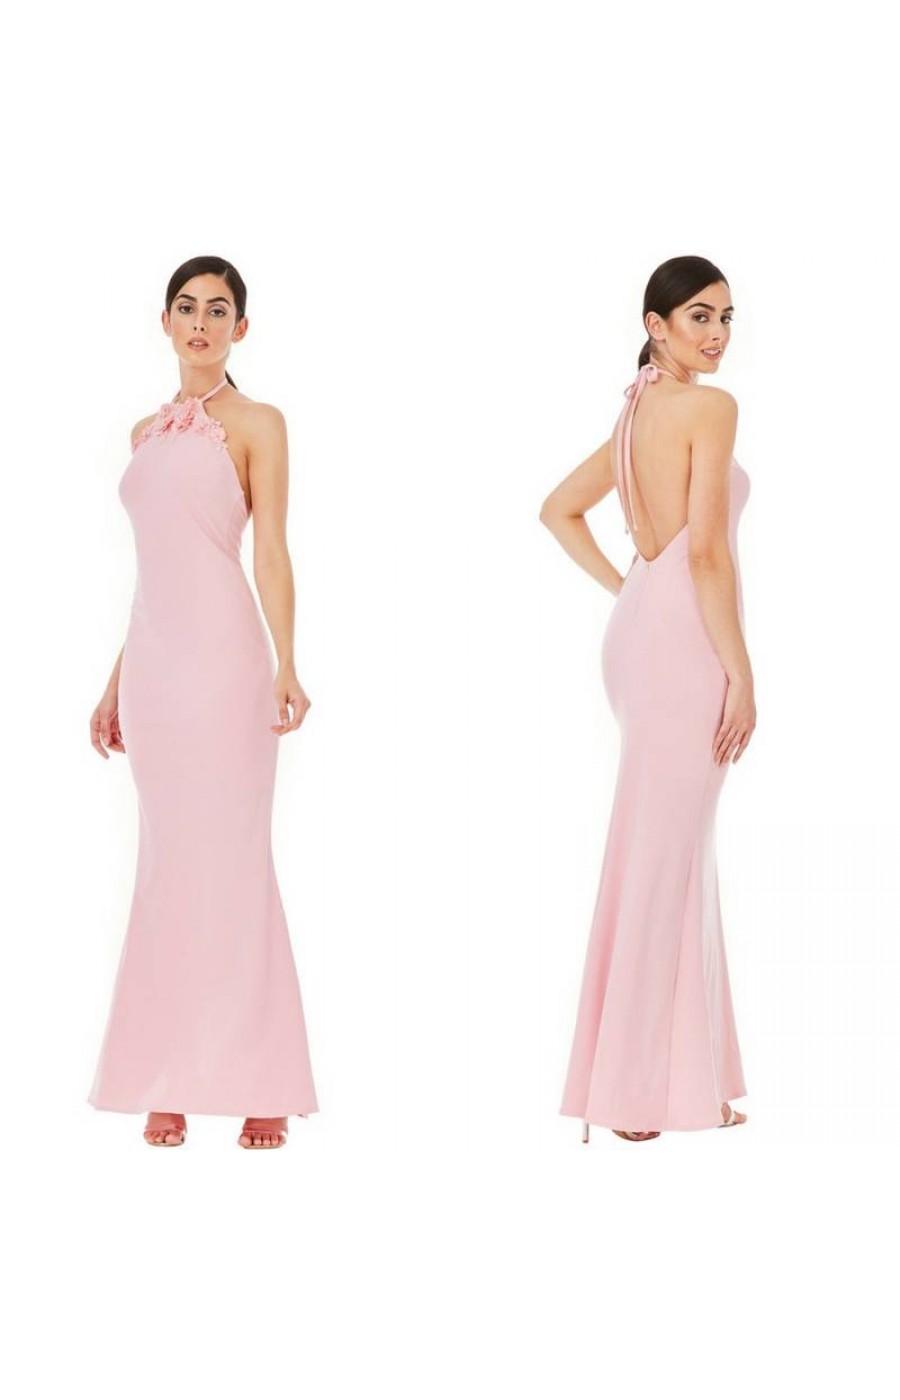 Ροζ μακρύ φόρεμα με ανοικτή πλάτη